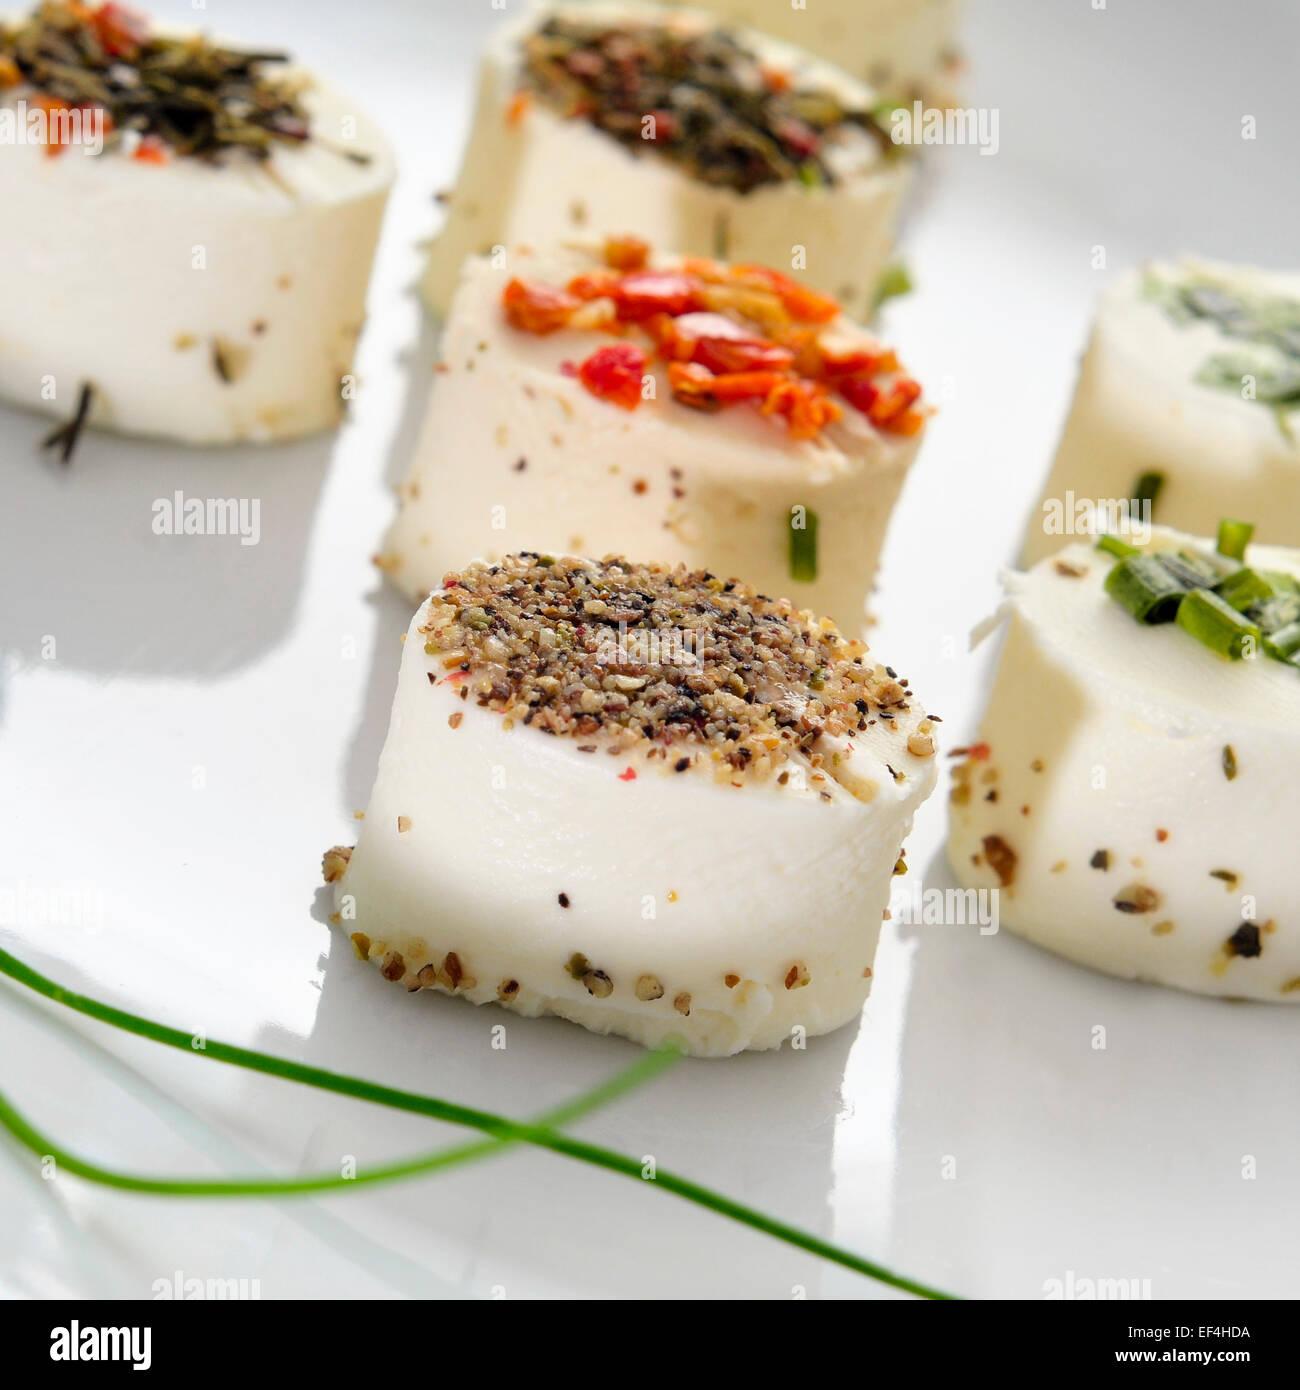 Una placa con unos canapés de queso diferentes rematada con diferentes especias Imagen De Stock